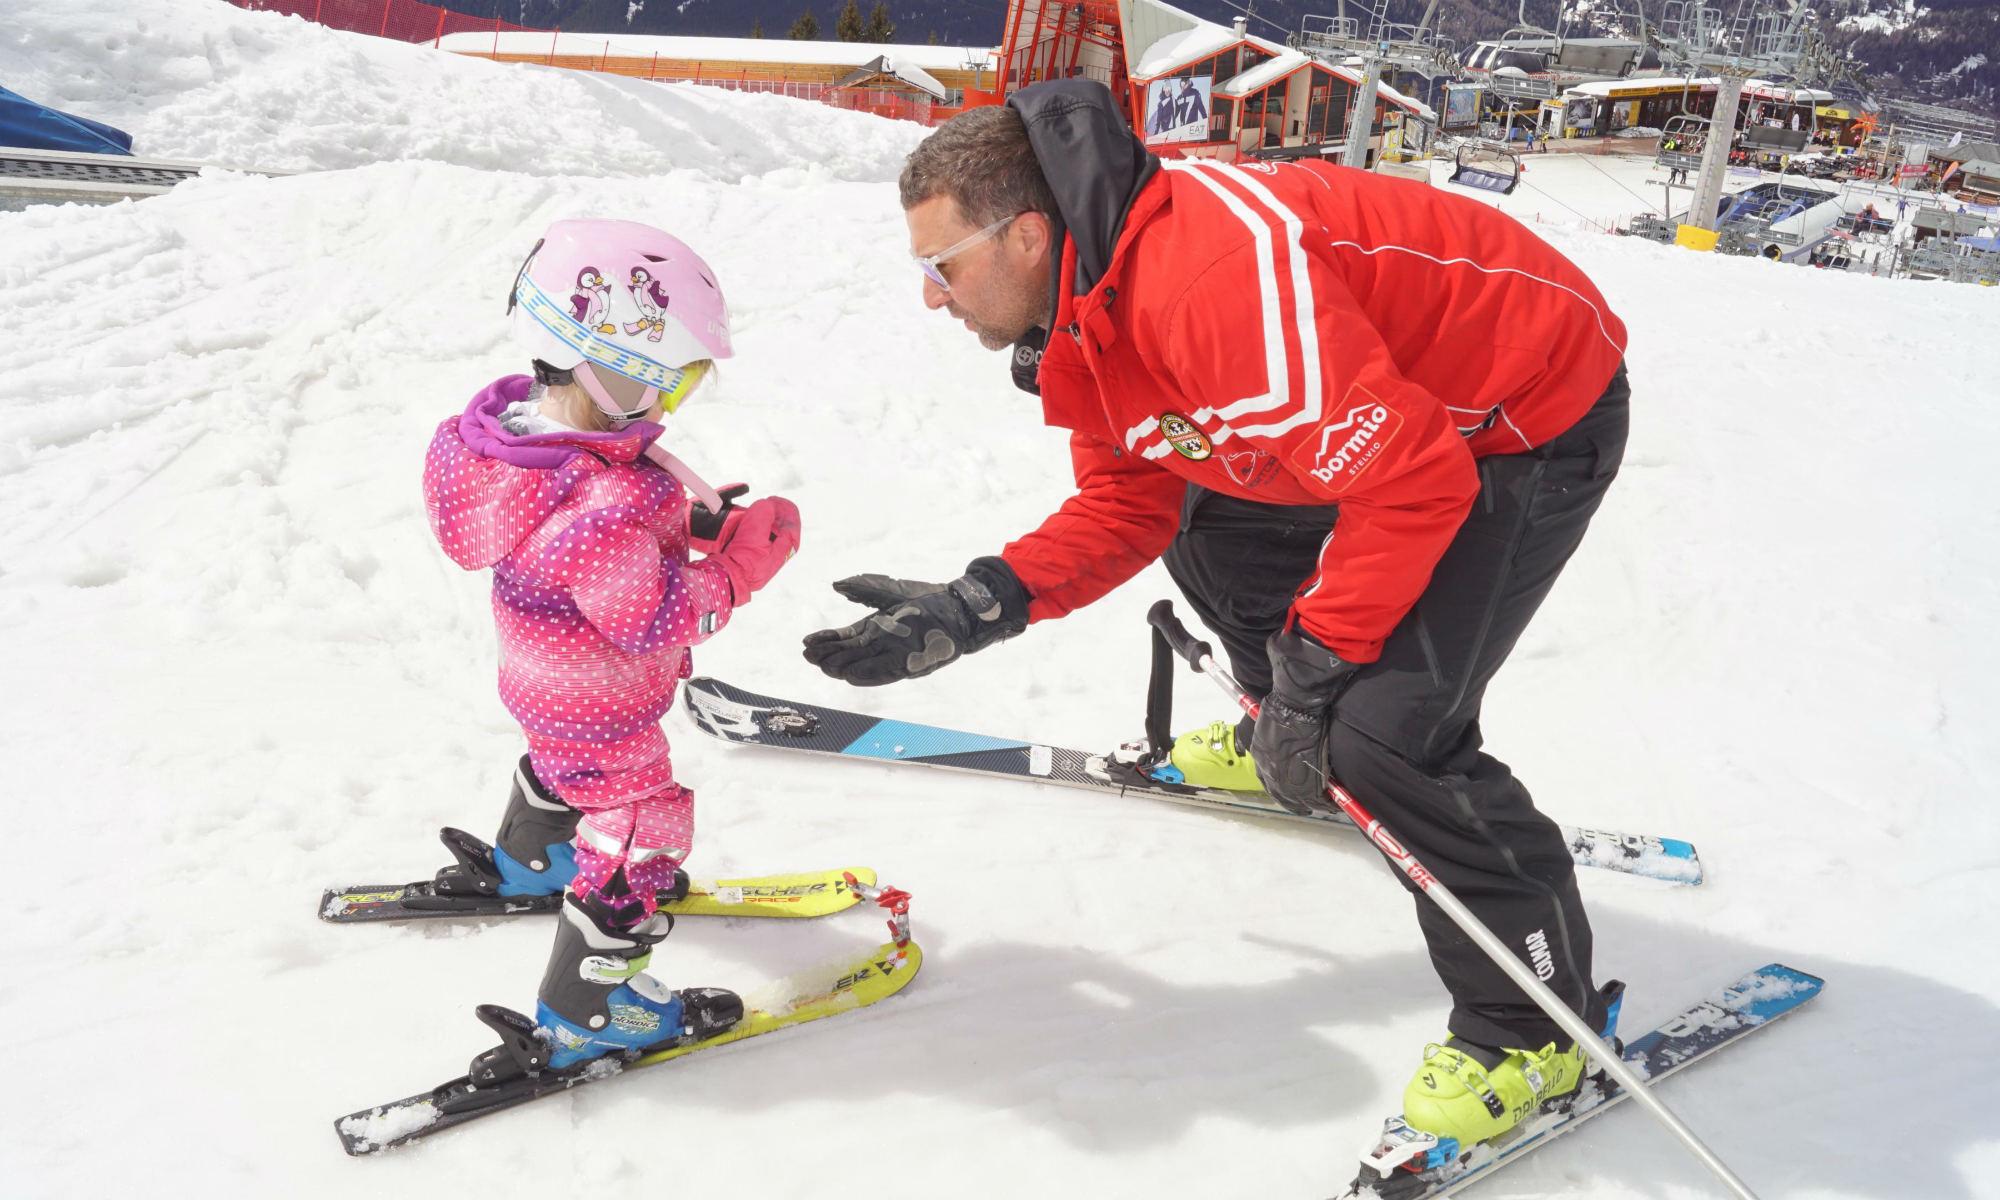 Un maestro di sci insegna la posizione dello spazzaneve a una piccola sciatrice.